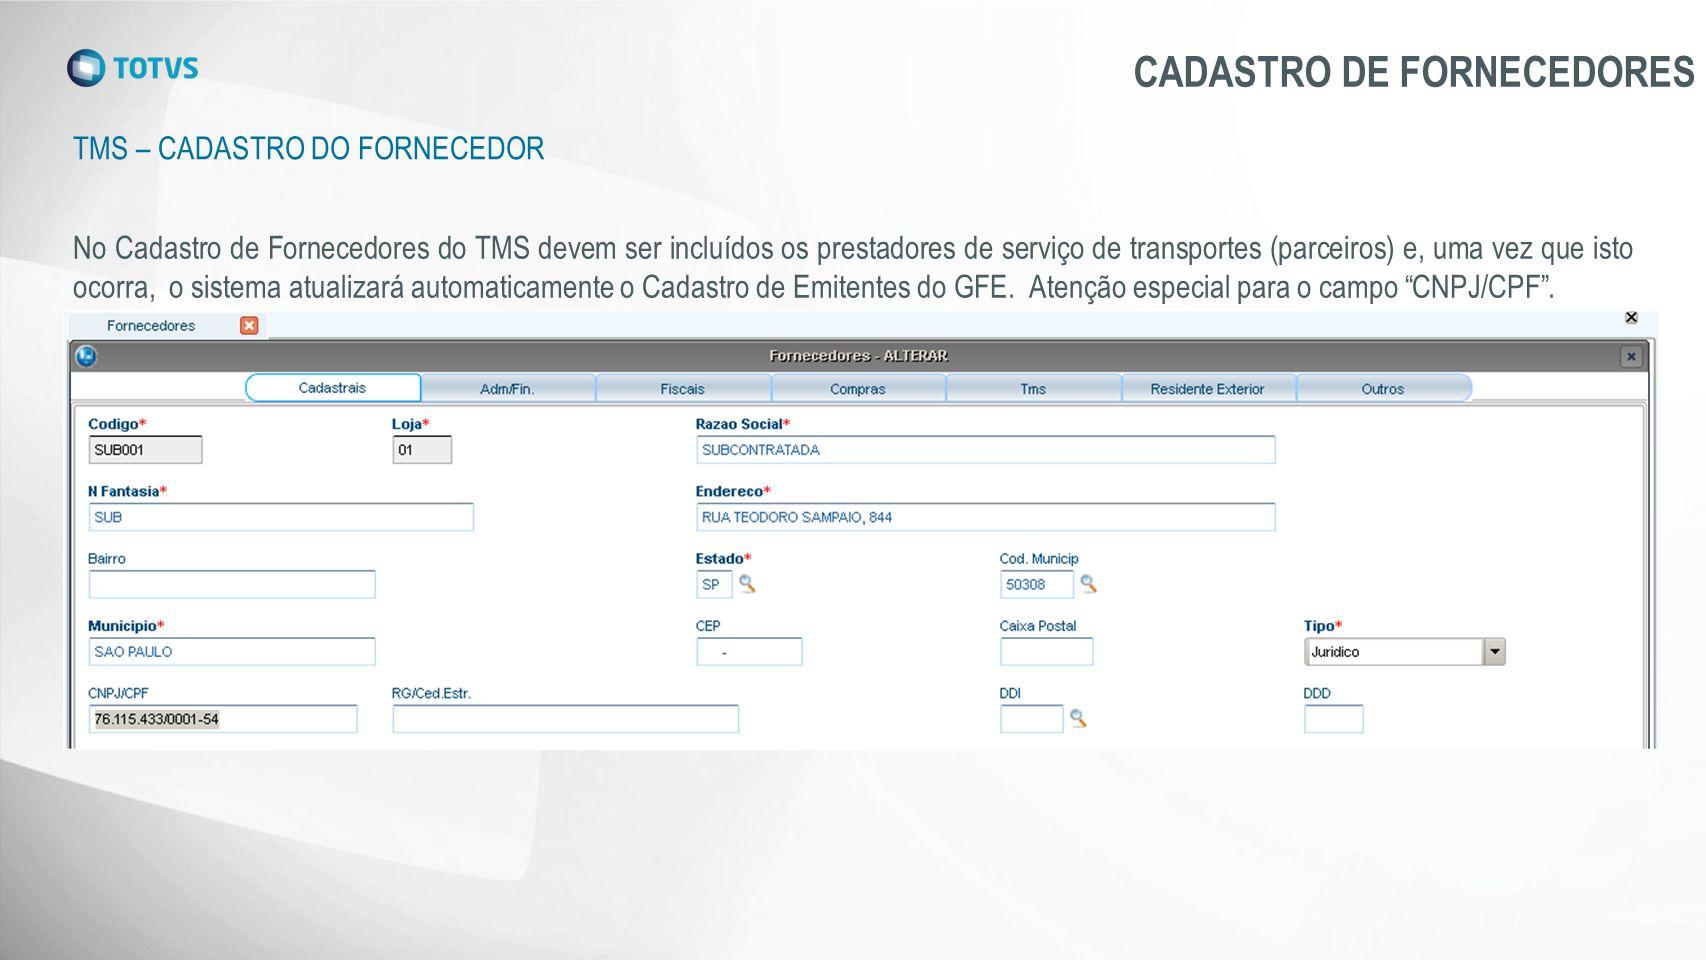 TMS – CADASTRO DO FORNECEDOR CADASTRO DE FORNECEDORES No Cadastro de Fornecedores do TMS devem ser incluídos os prestadores de serviço de transportes